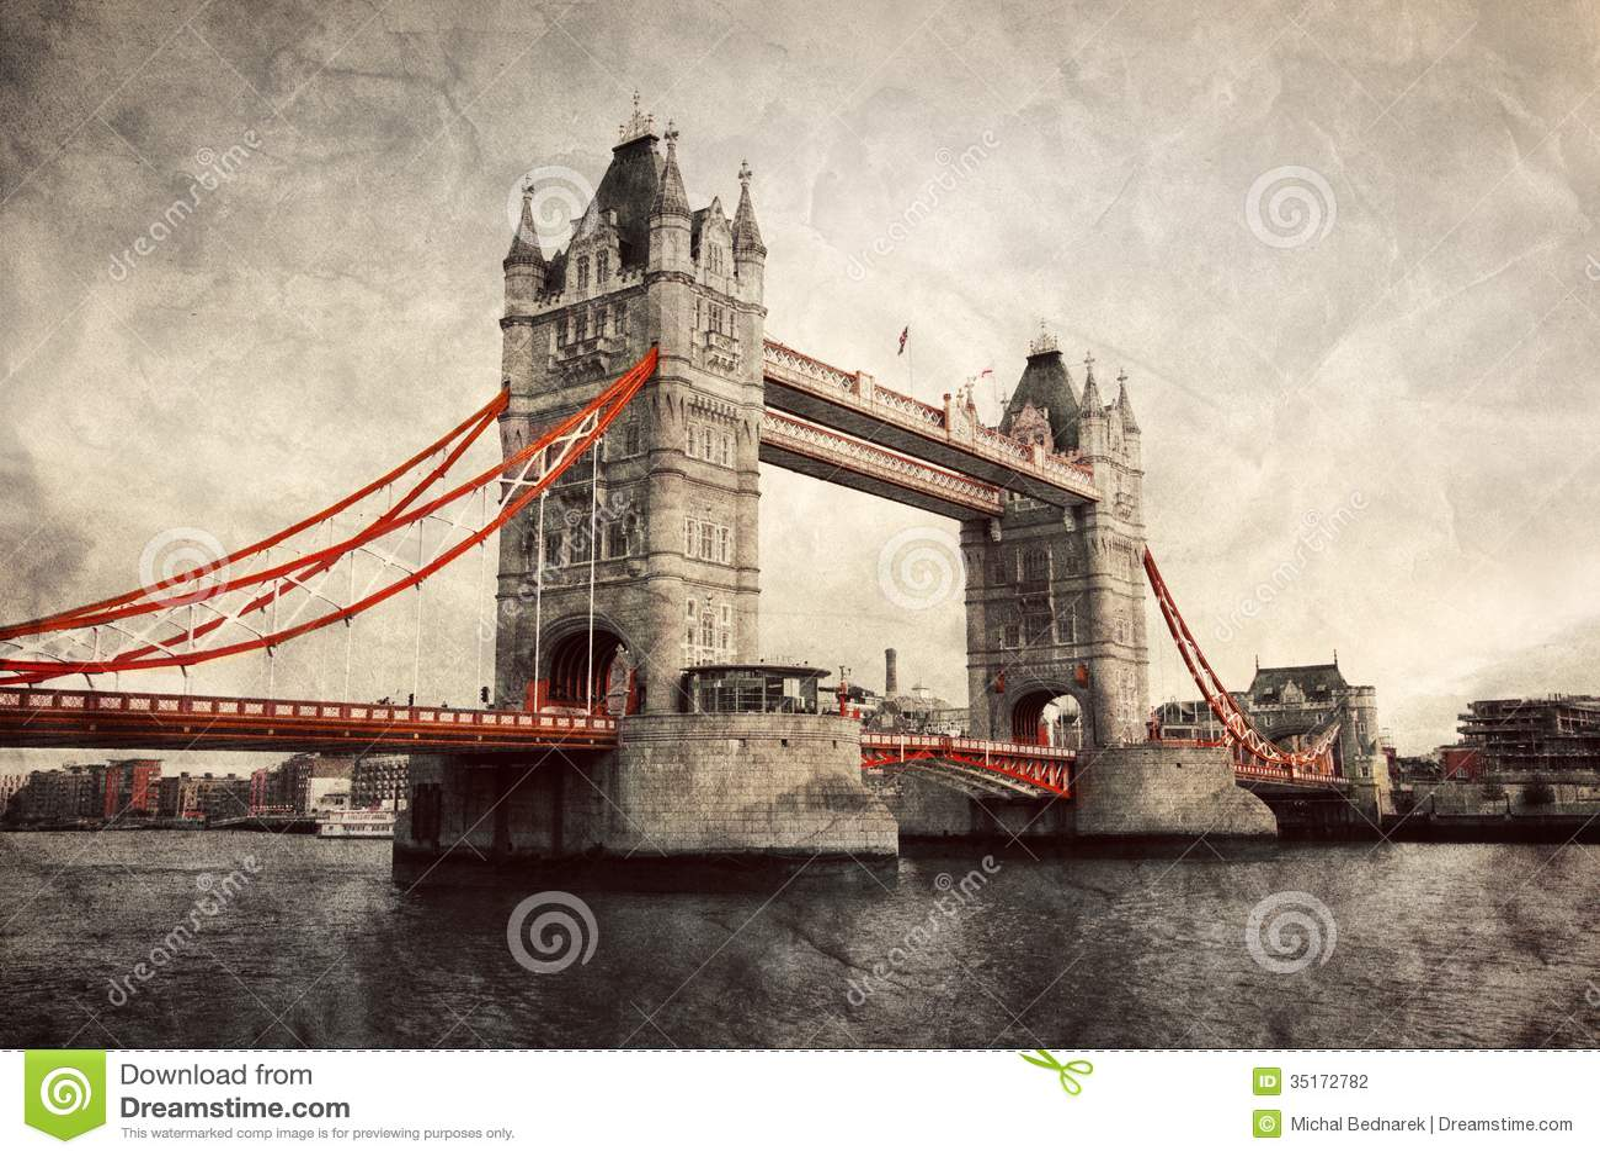 Torenbrug in Londen, Engeland, het UK.